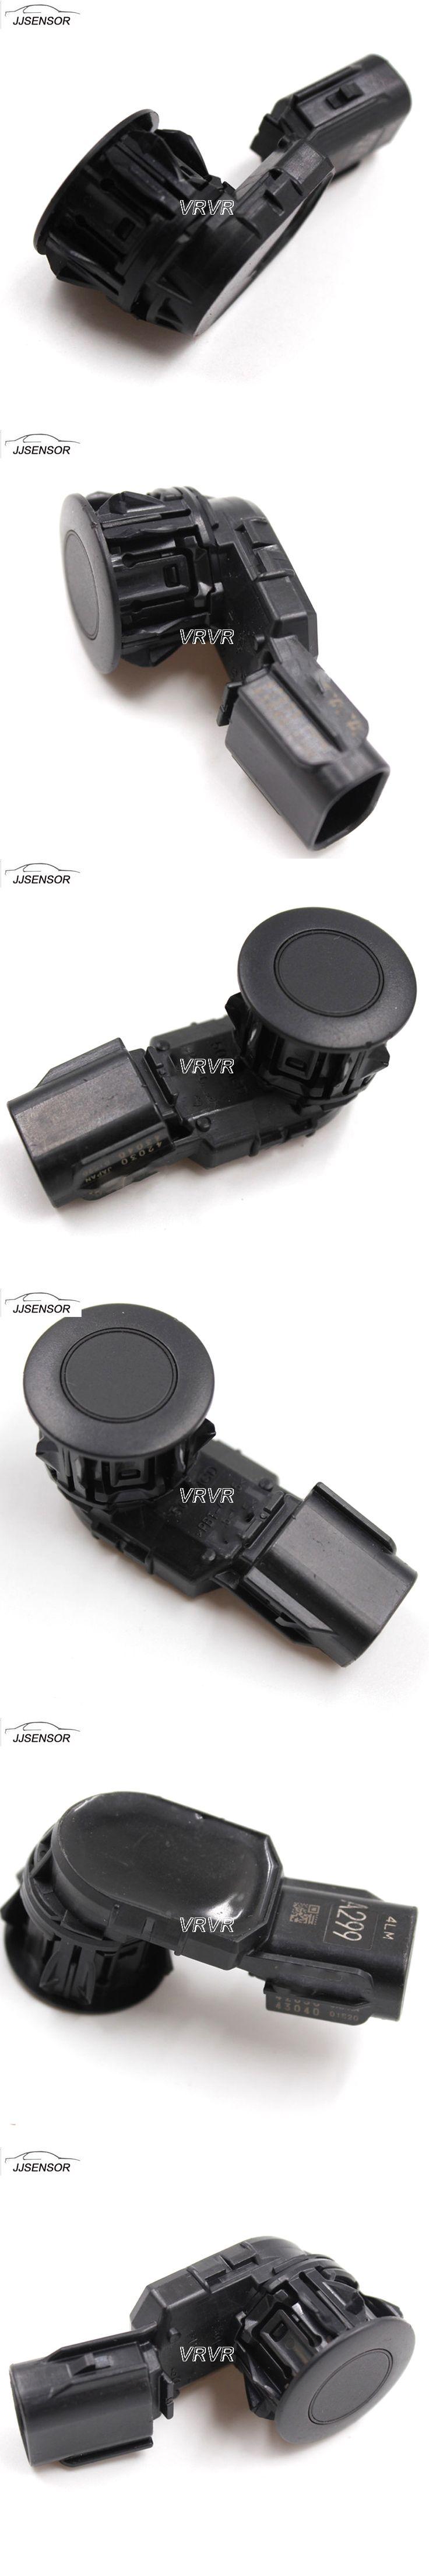 YAOPEI New Parking Sensor PDC for Toyota RAV4 2013-2015 A299 893410R030 , 89341-42030